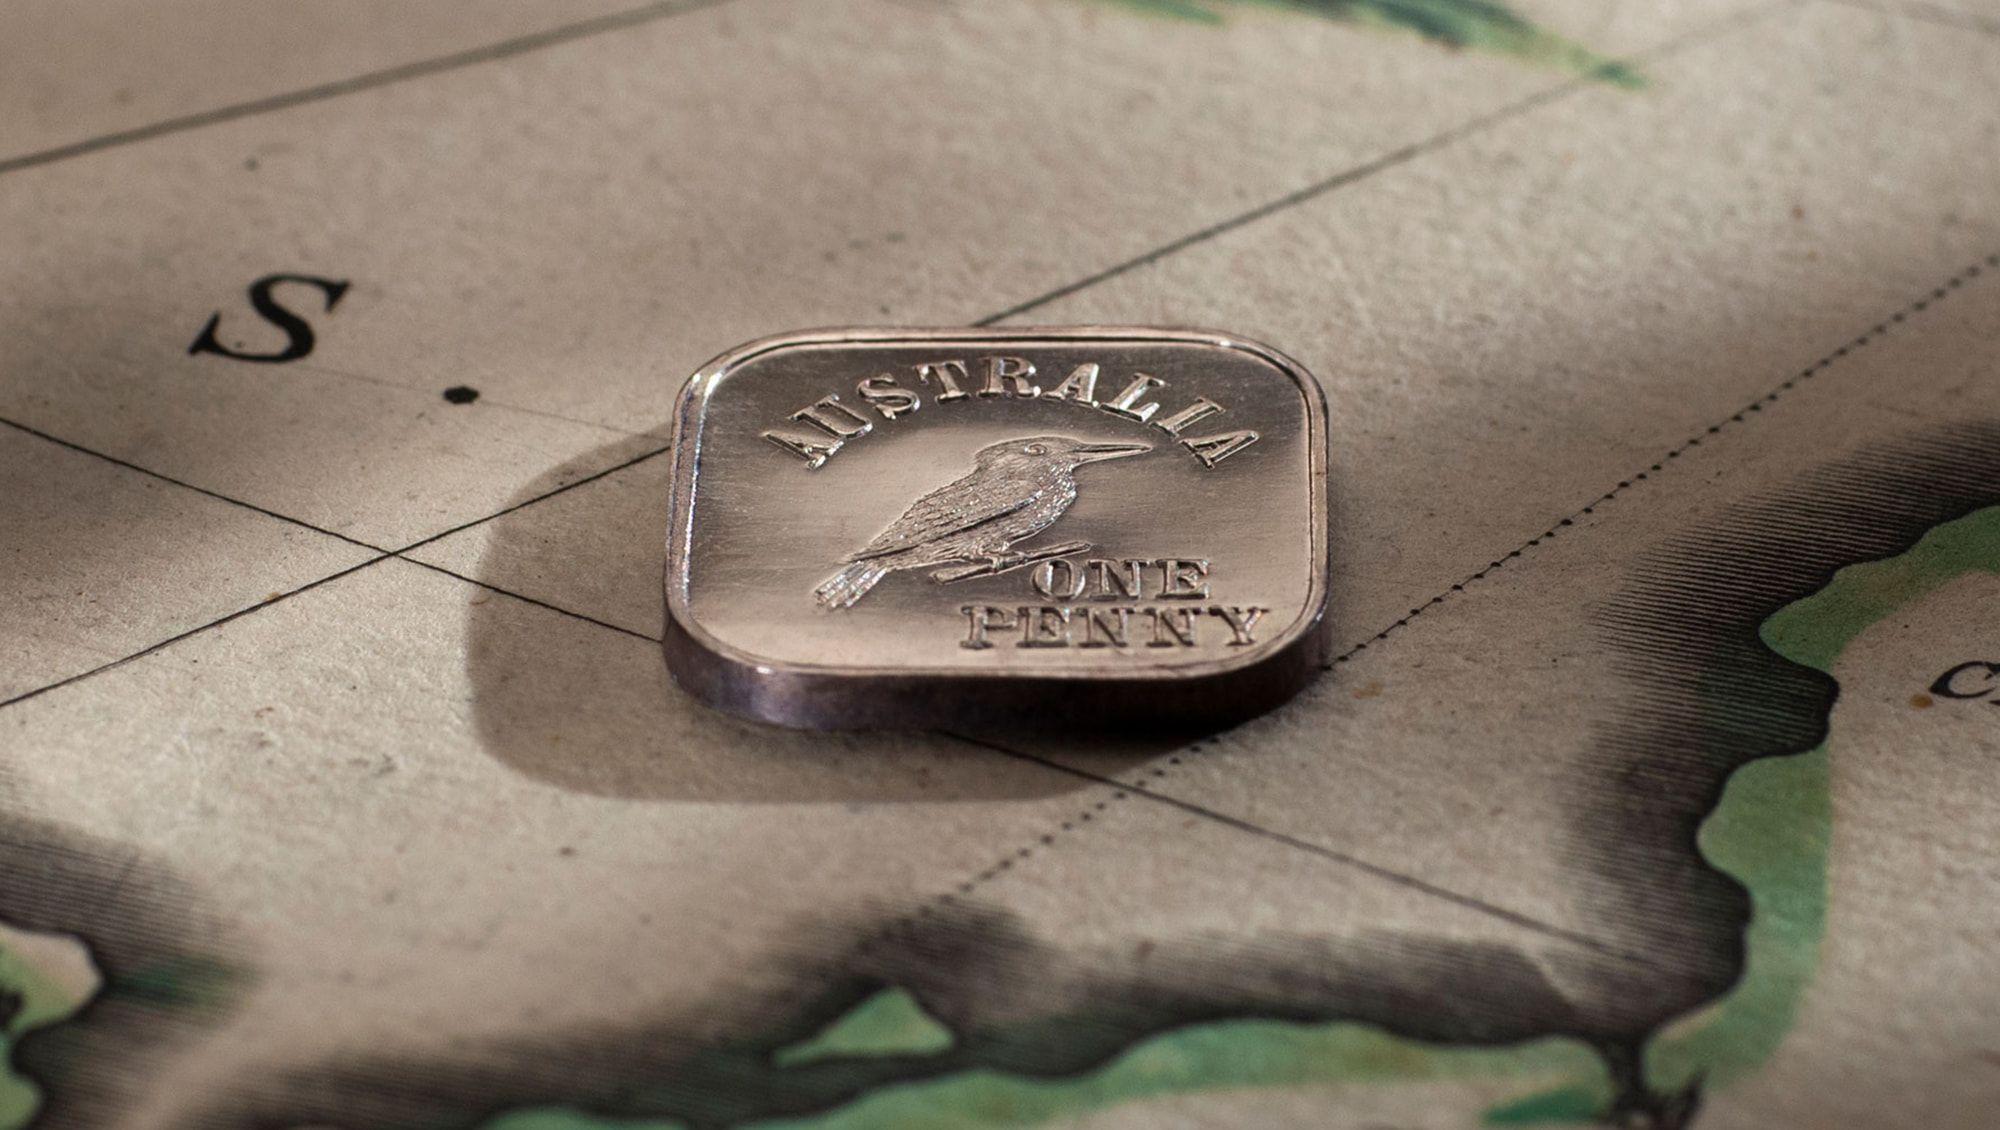 1919-Square-Penny-Non-Date-February-2020